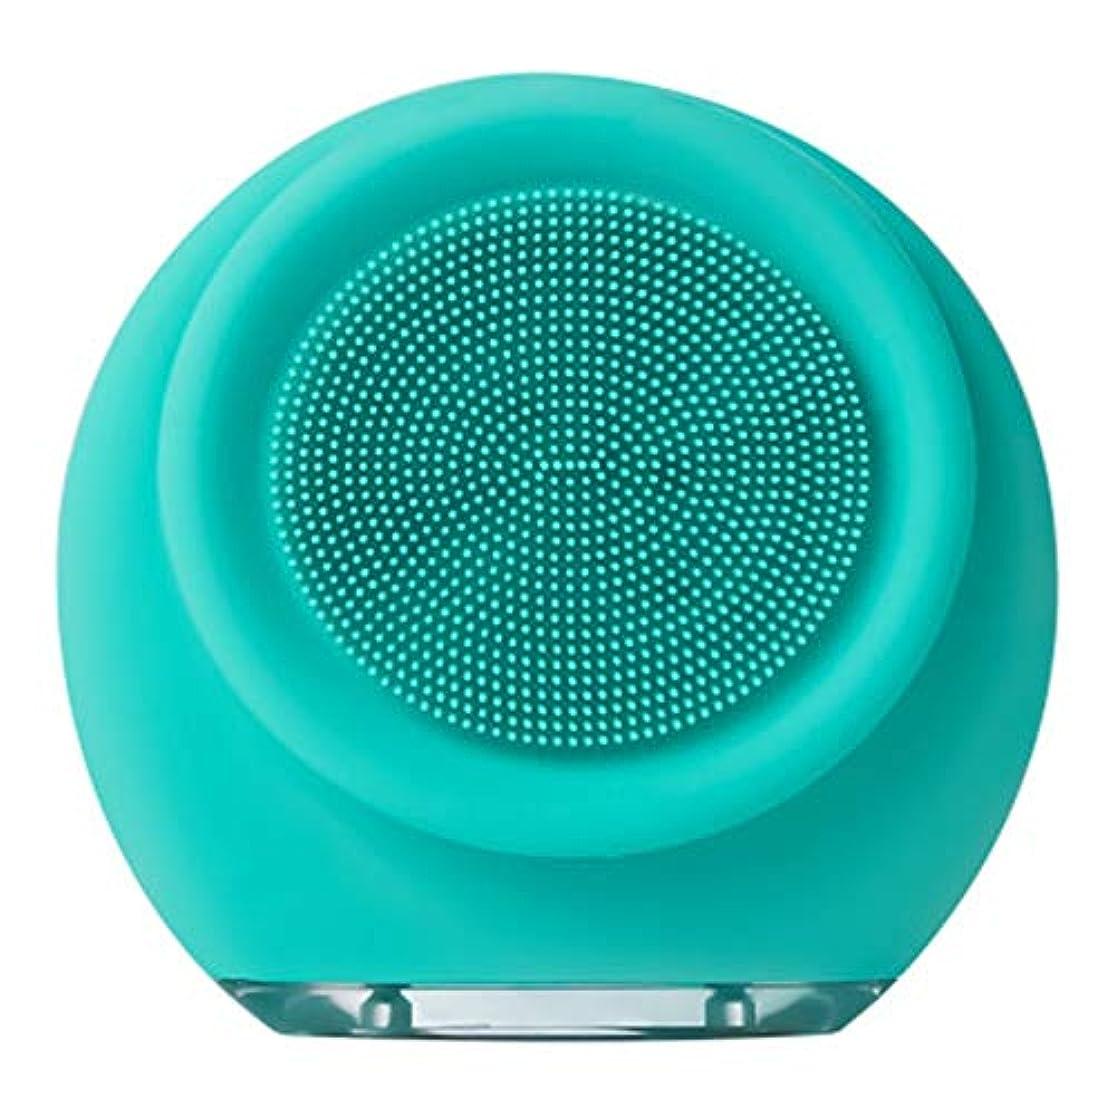 ビュッフェ反毒出力充電式シリコーンクレンジング器、電気超音波美容機器フェイス毛穴クリーナーフロントとバックブラシヘッド3ブロックの調整7防水 (Color : A)